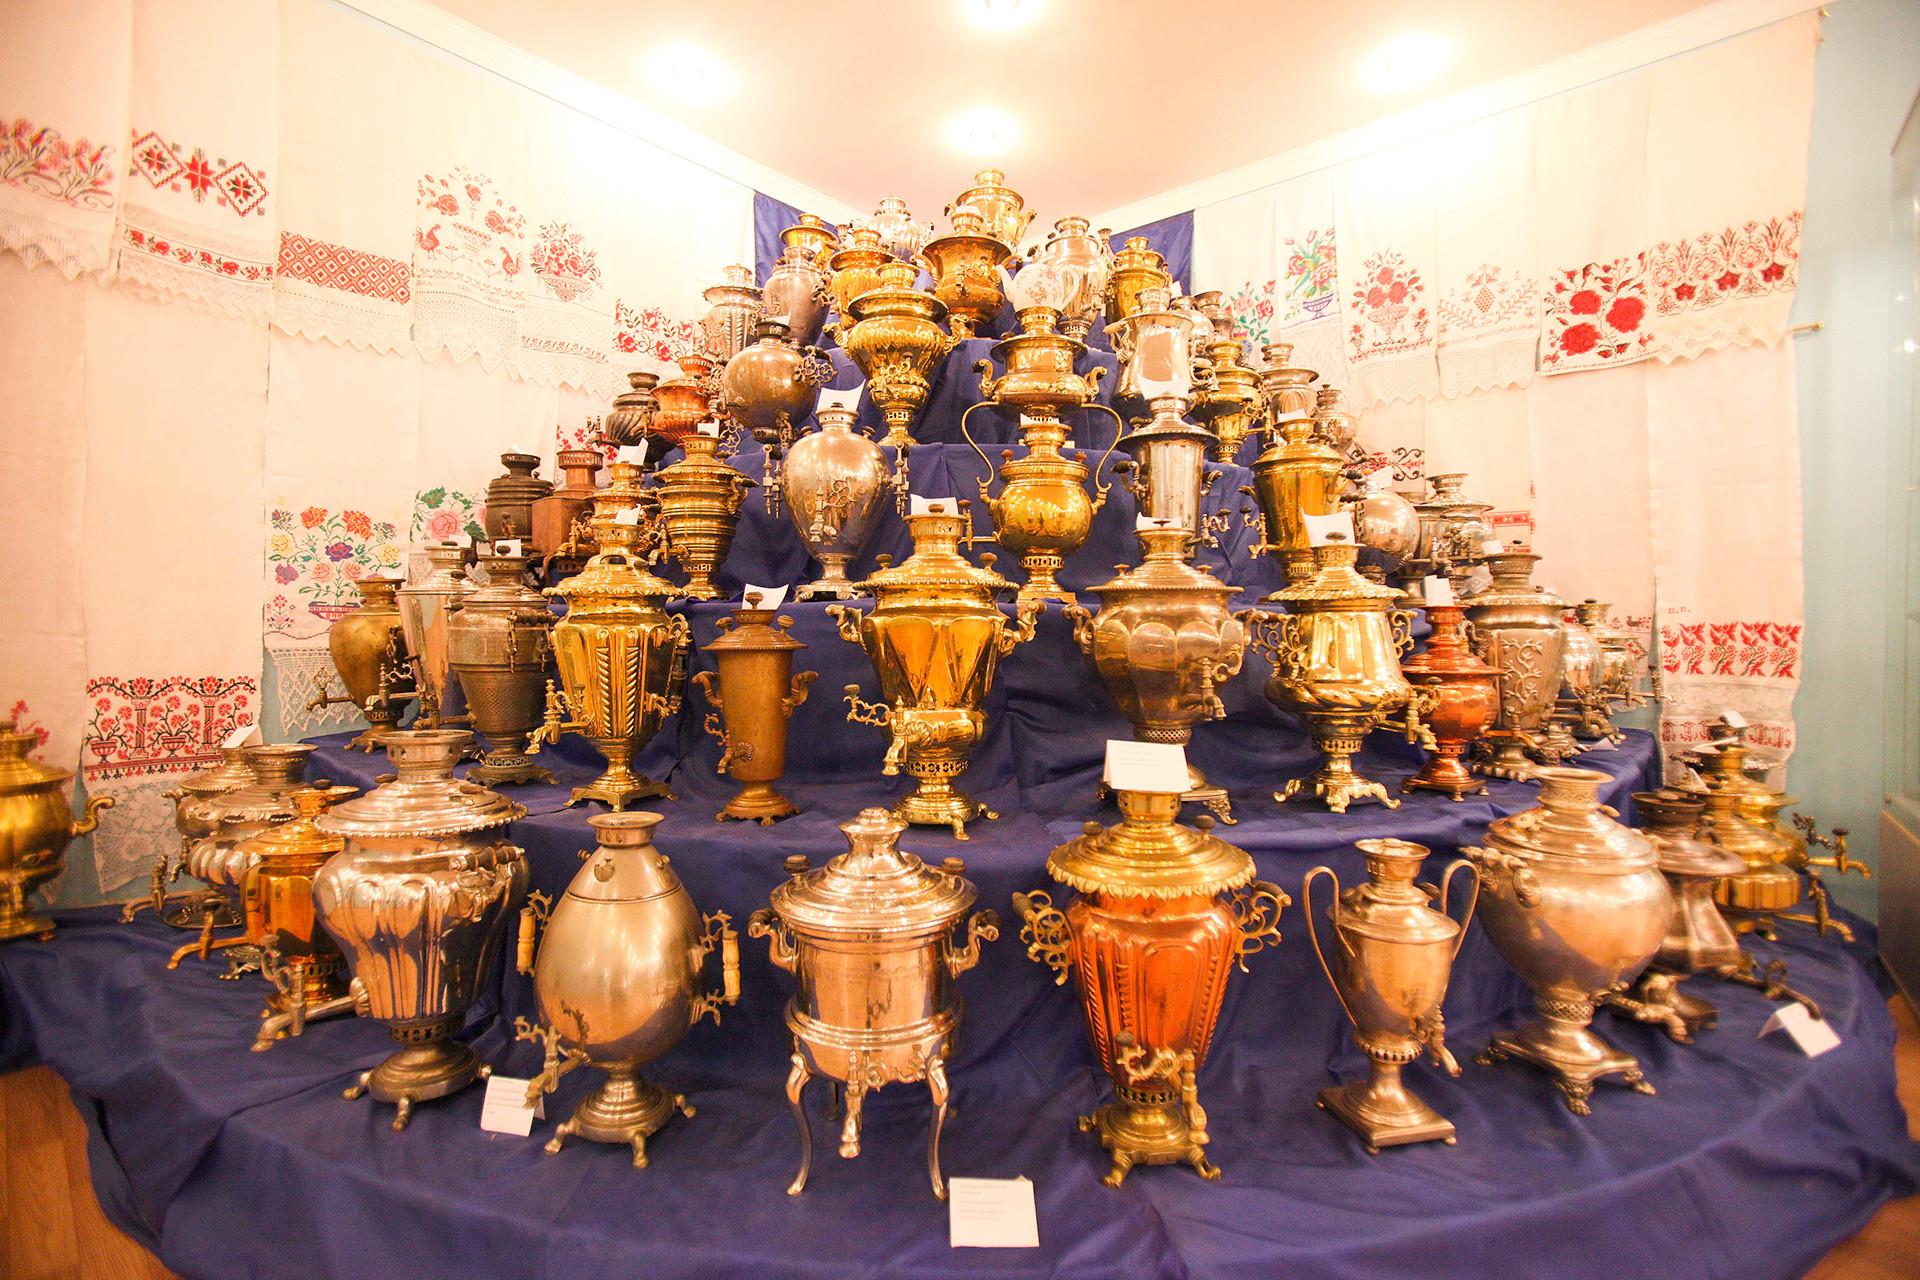 """Експонати музеја """"Руски самовар"""" у граду Касимову."""